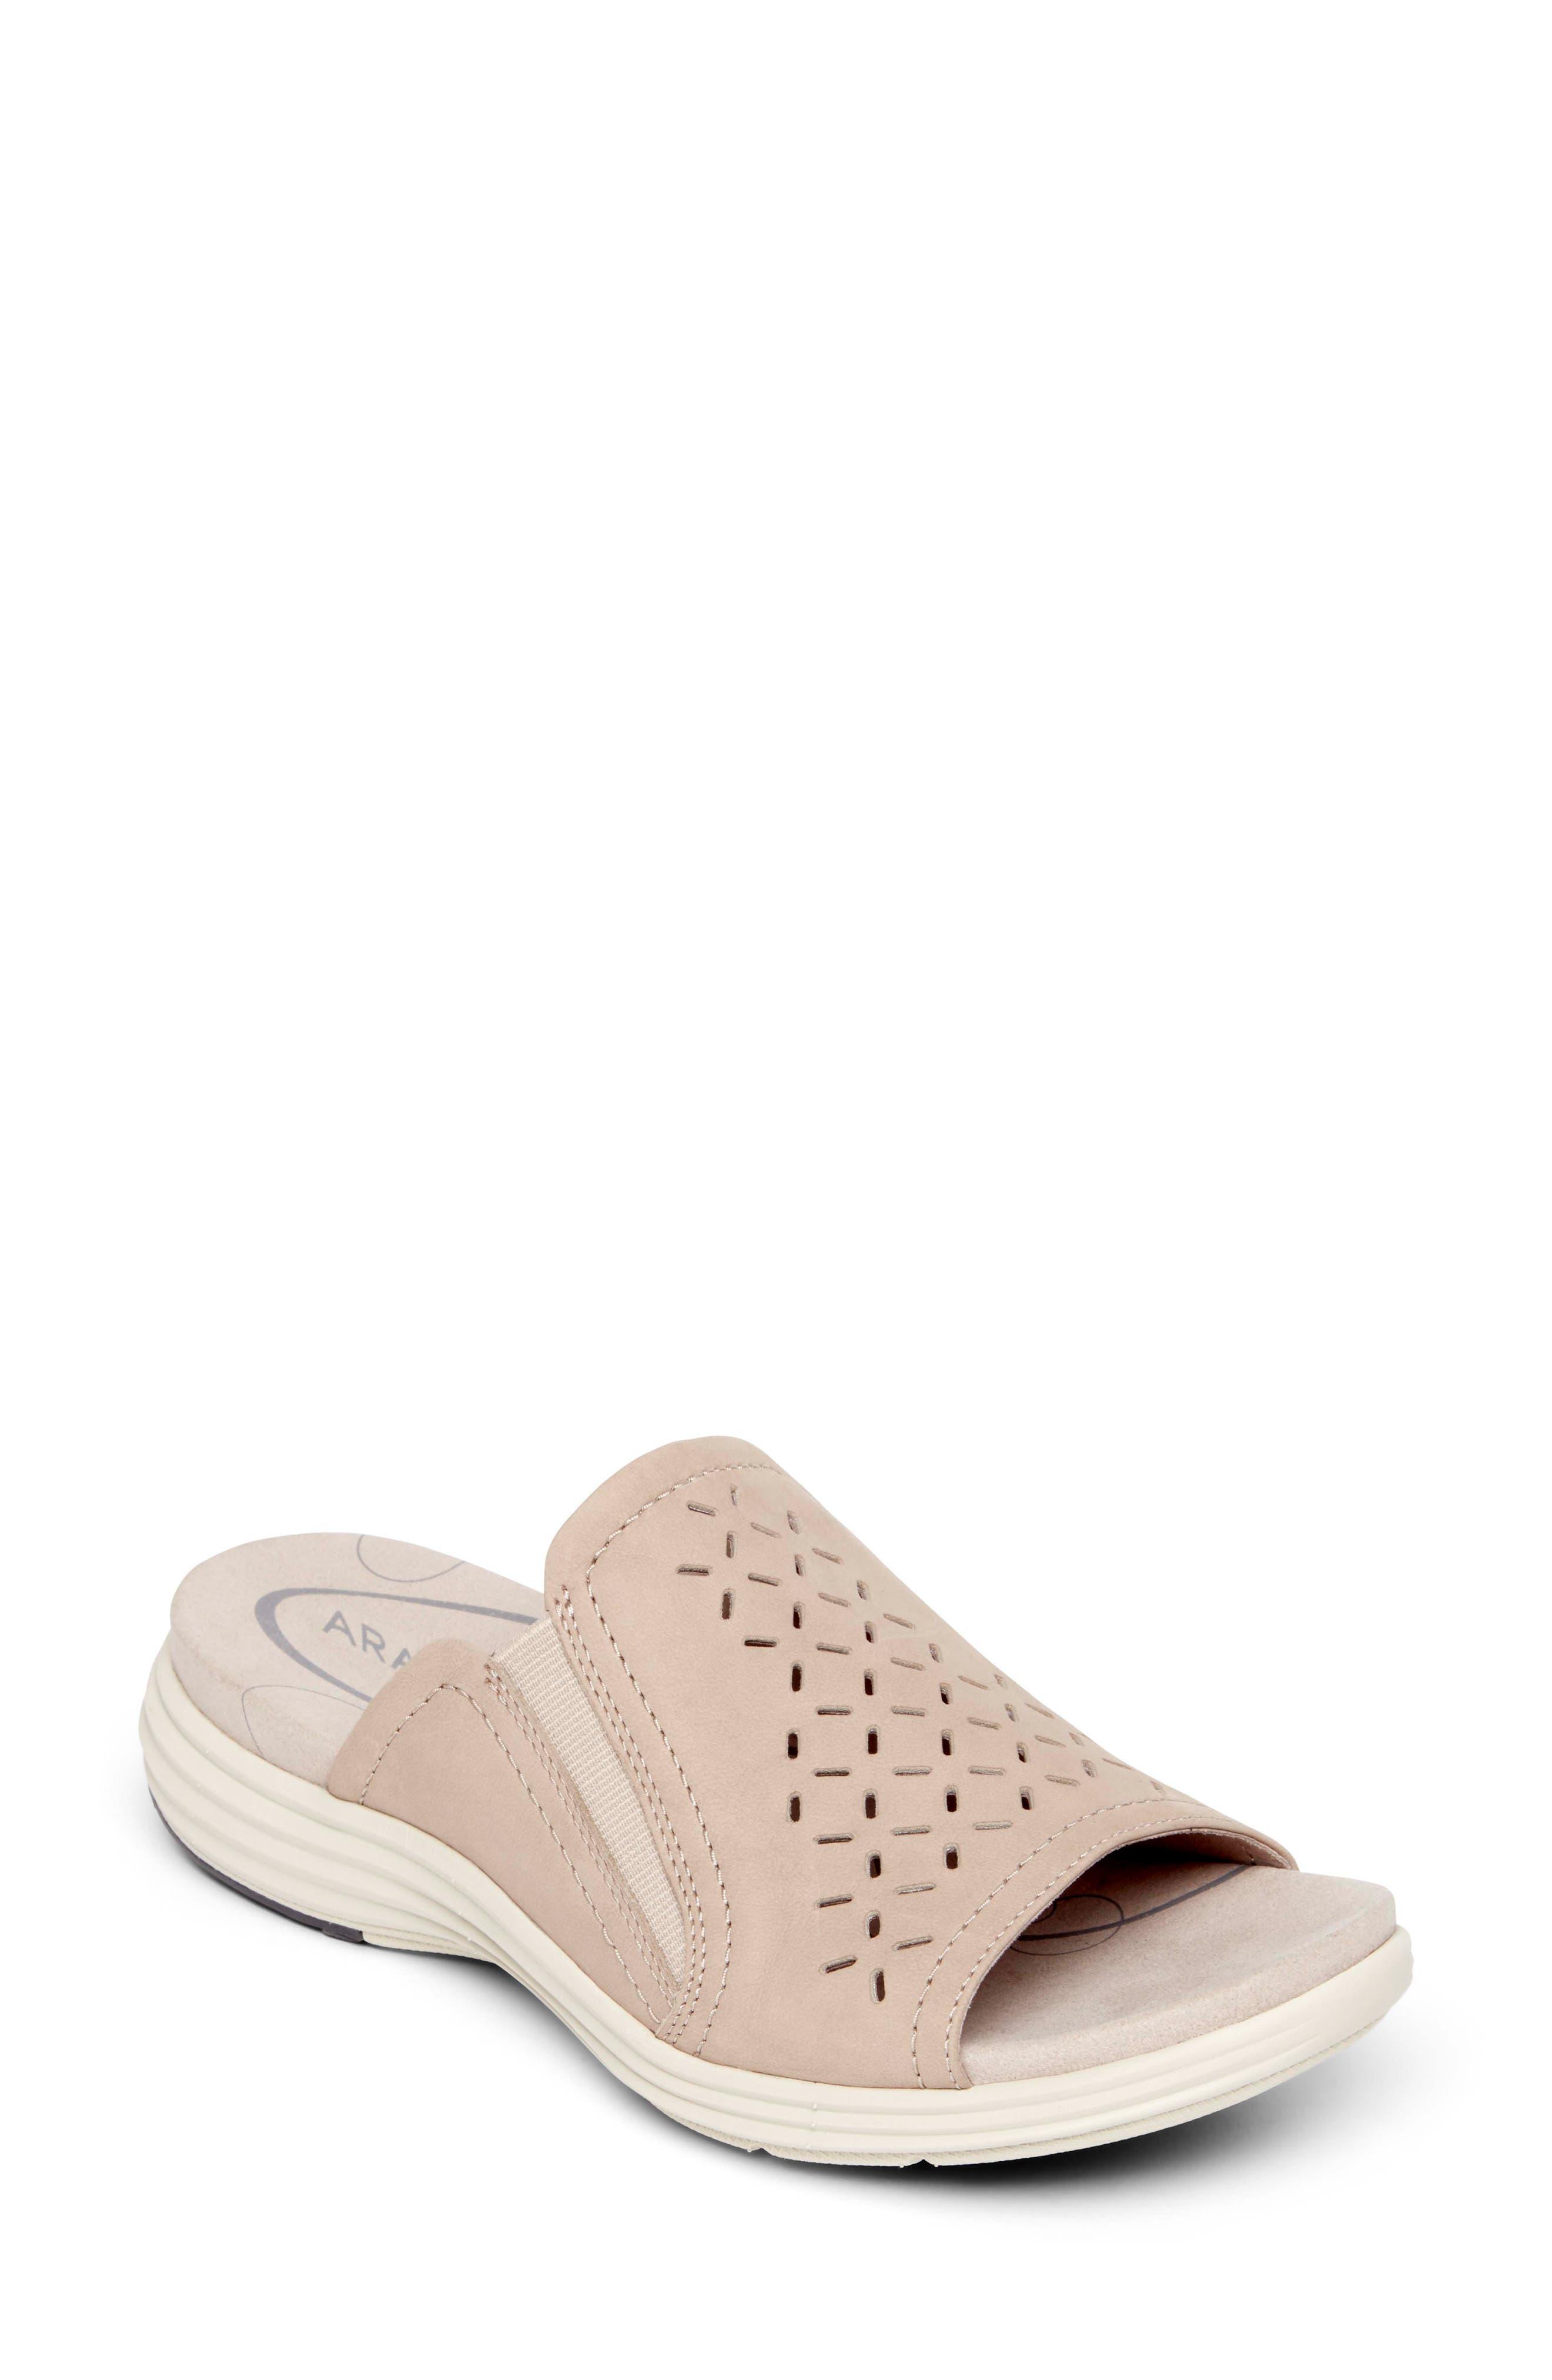 Beaumont Slide Sandal,                         Main,                         color, 250